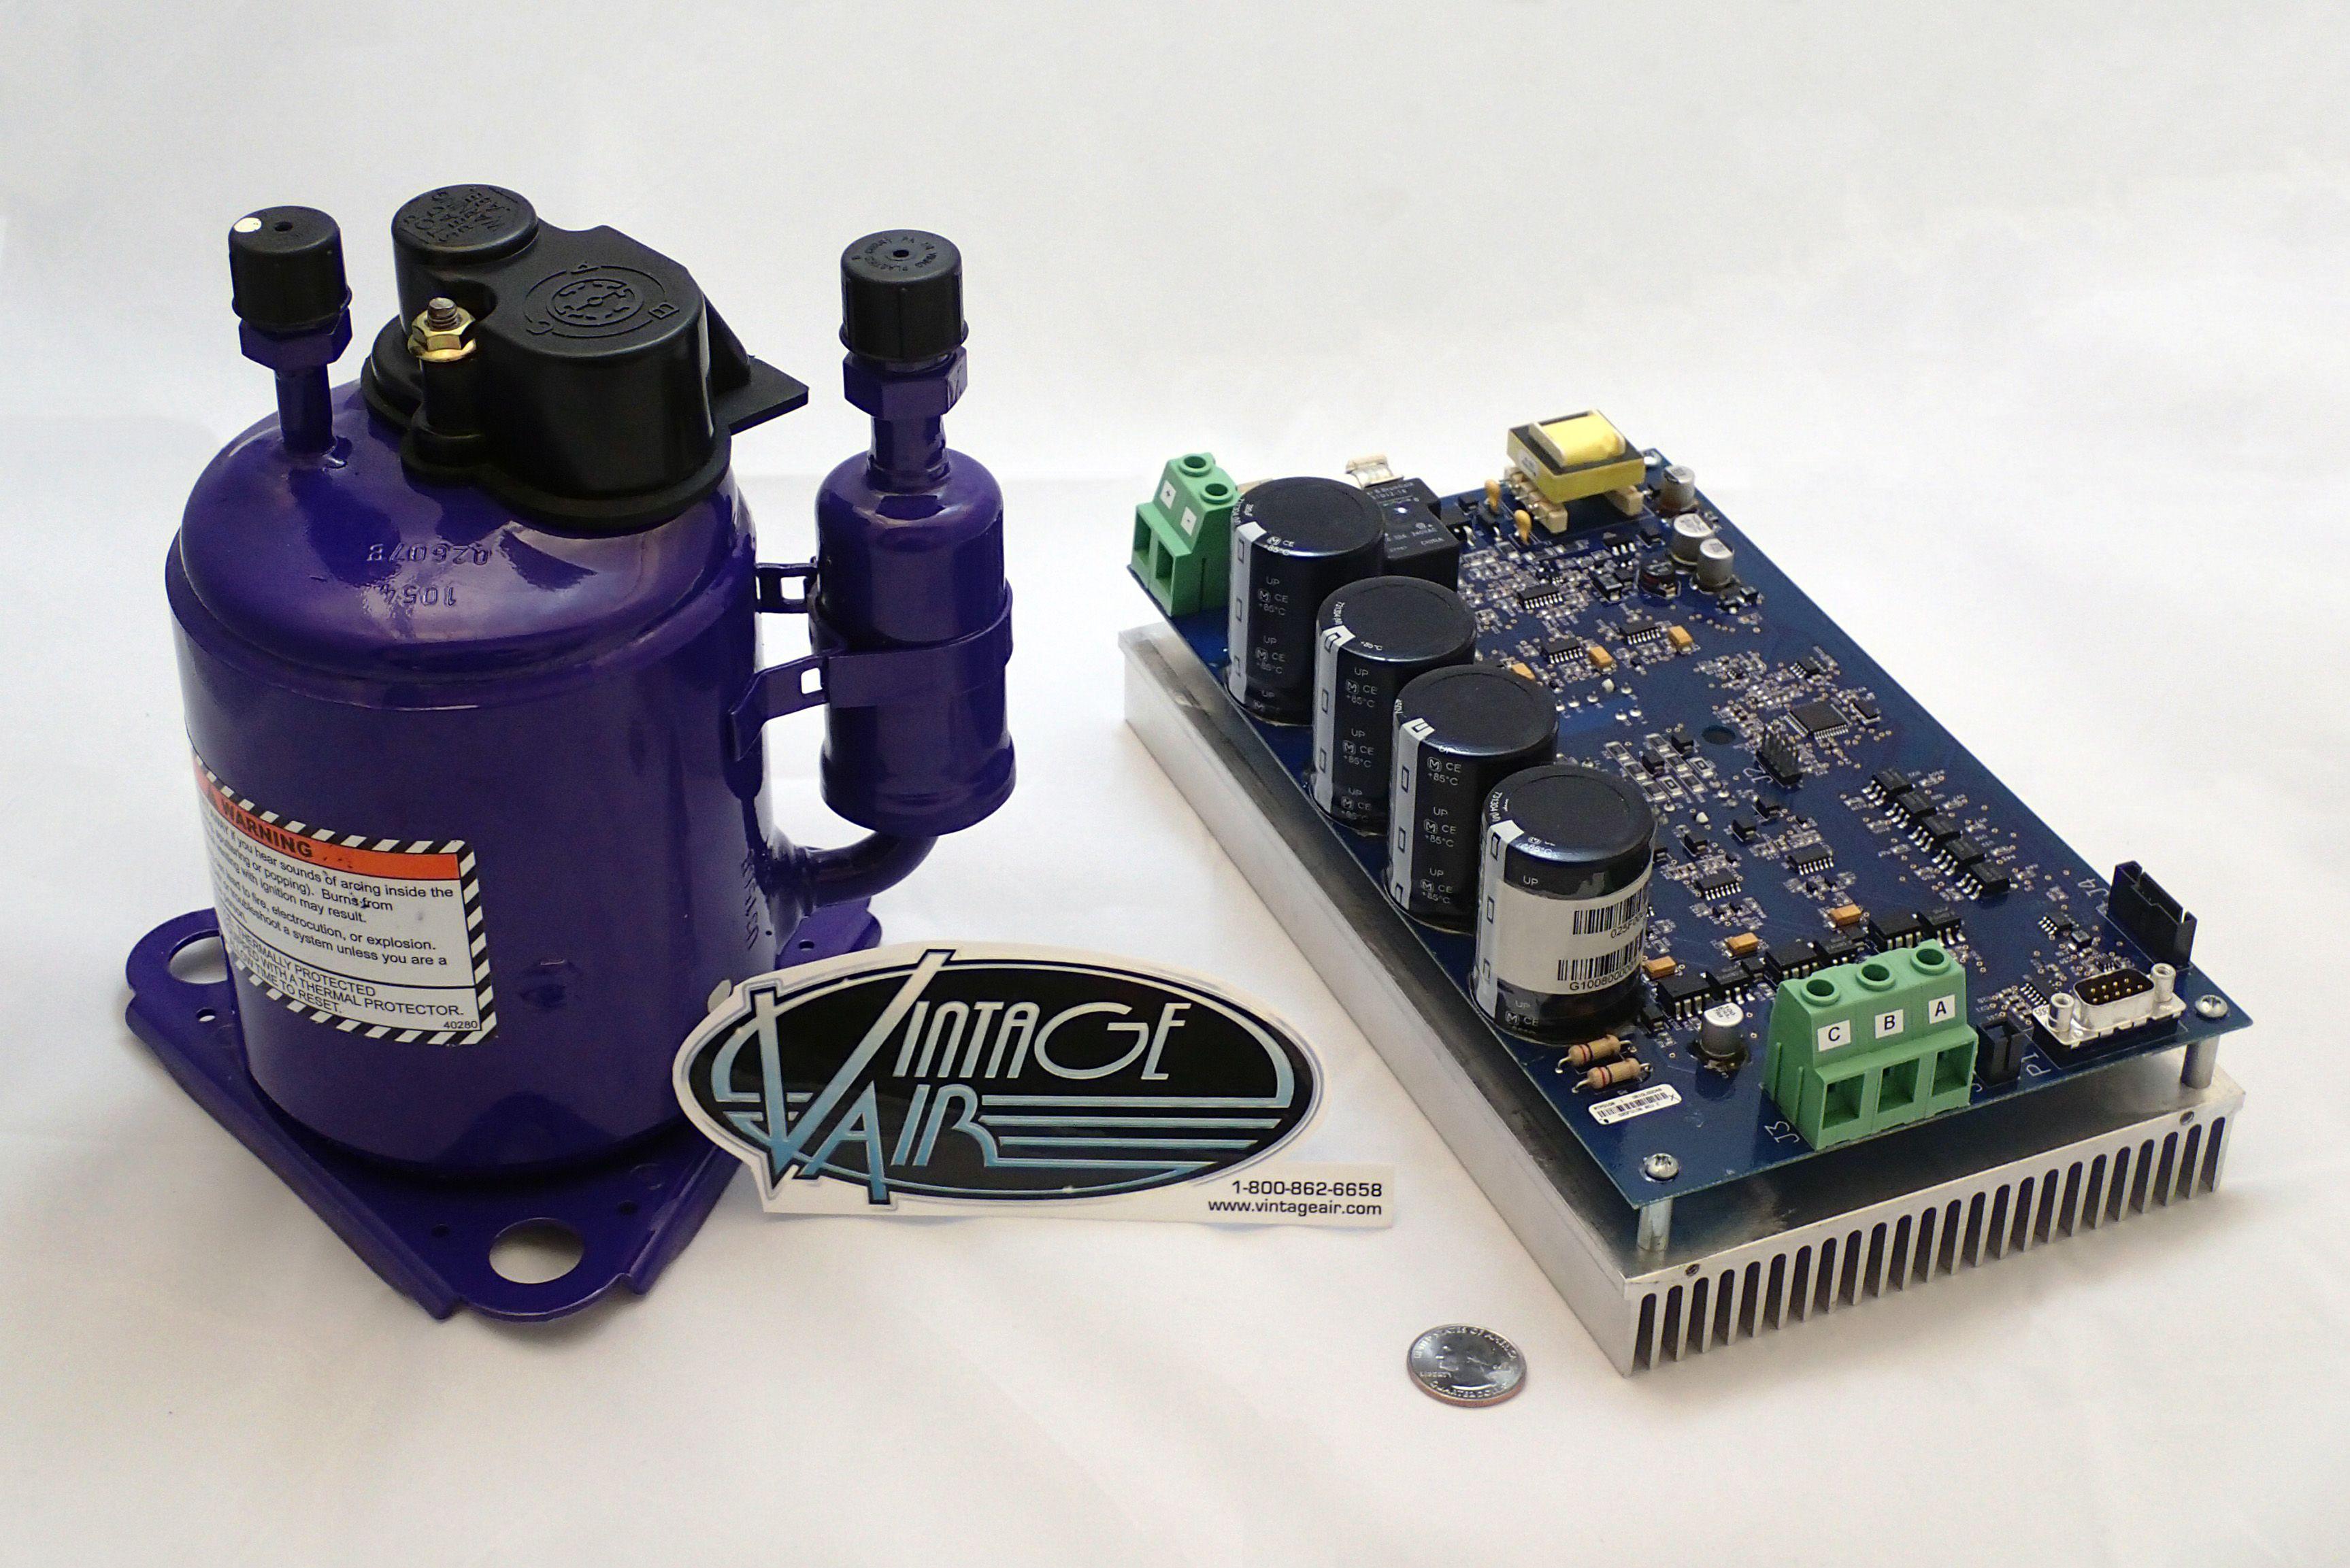 Inventors of Performance Air Conditioning www.vintageair